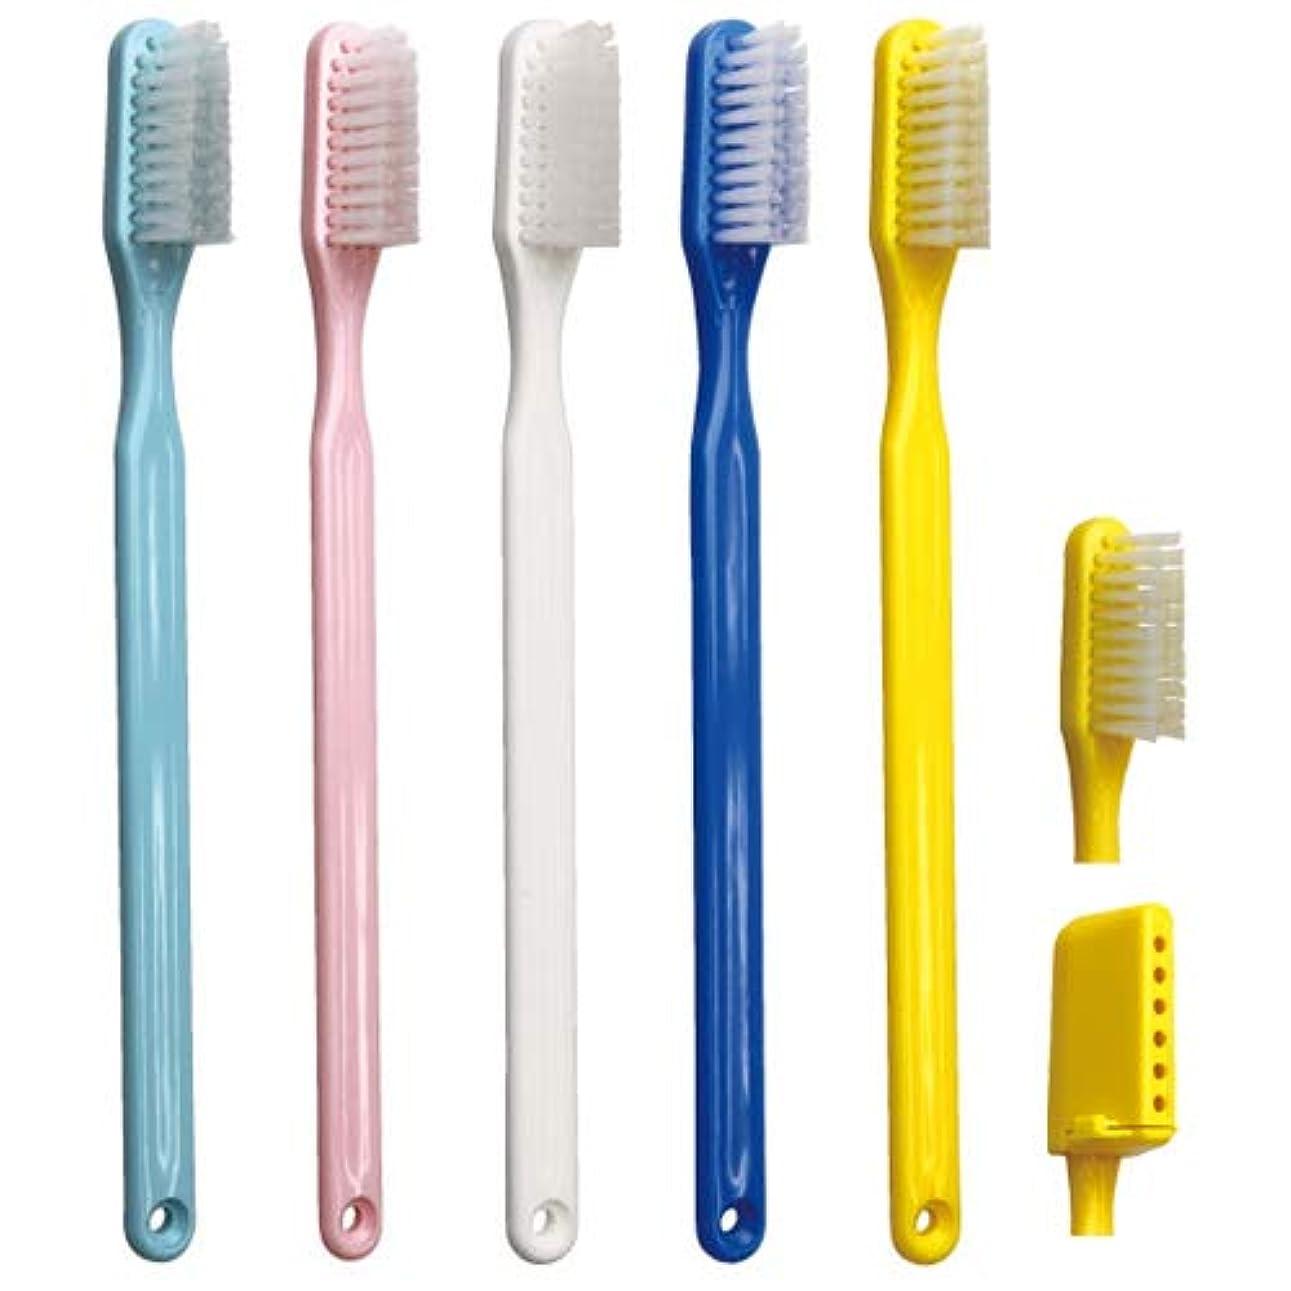 いとこ説教するマニアック歯科医院専用商品 PHB 歯ブラシ アダルト5本セット( 歯ブラシキャップ付)ライトブルー?ピンク?ホワイト?ネオンブルー?イエロー